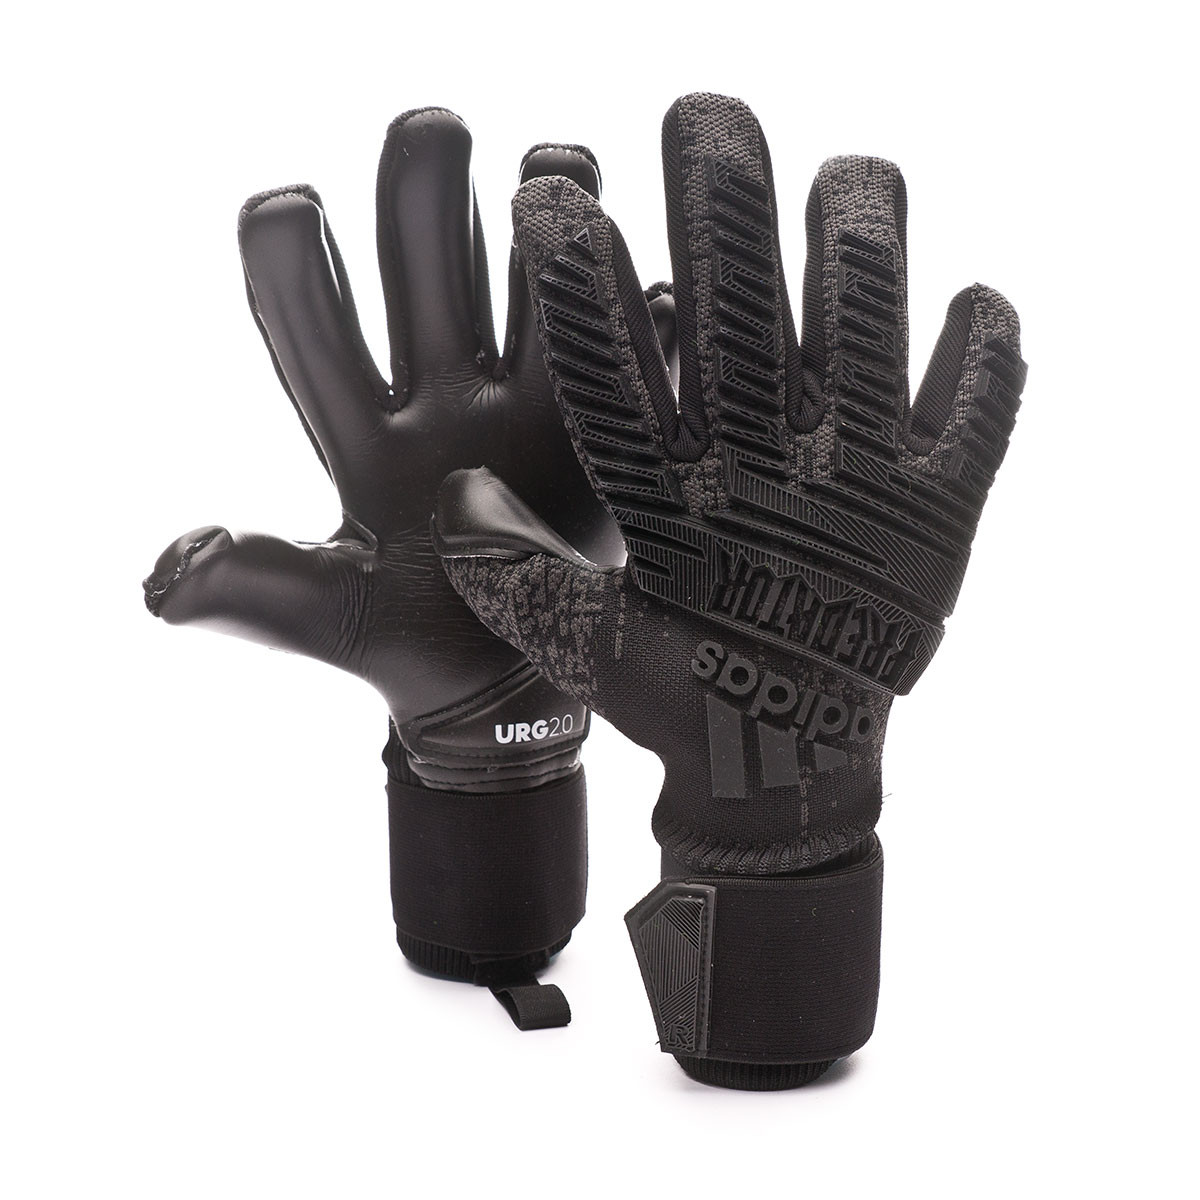 Puntualidad orar bufanda  Guante de portero adidas Predator Pro Utility black - Tienda de fútbol  Fútbol Emotion